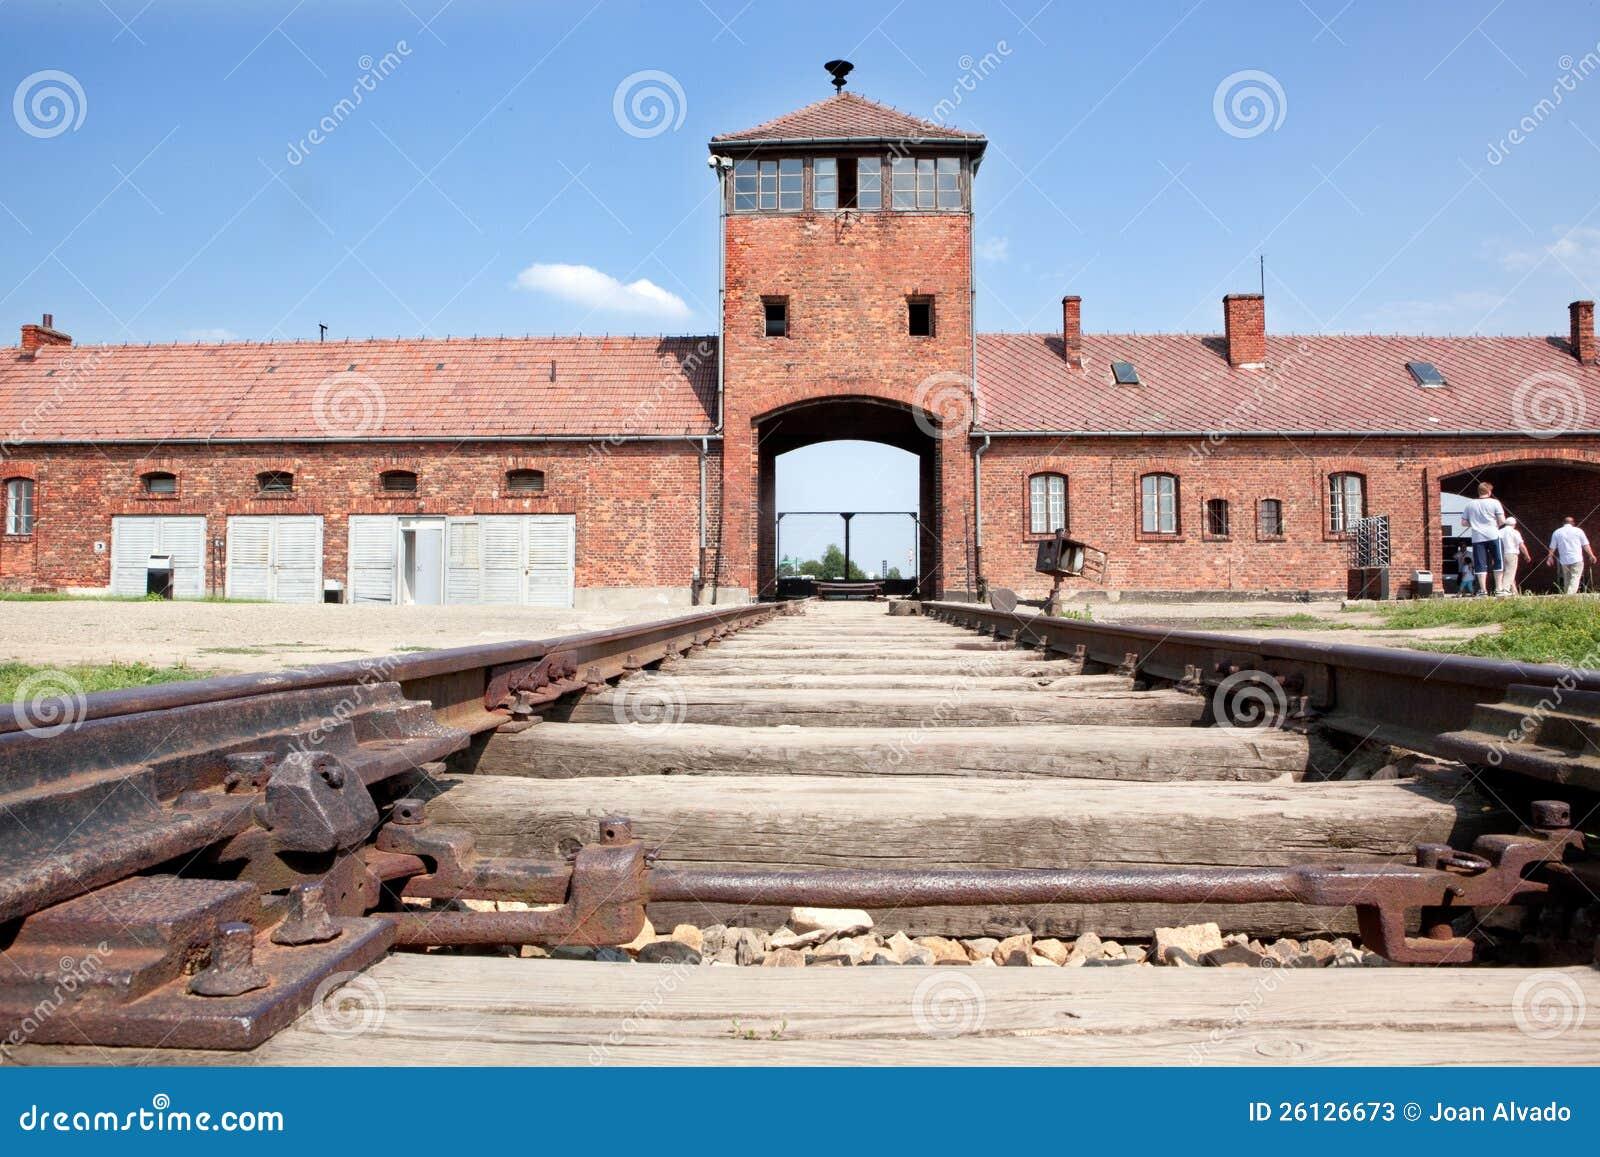 Auschwitz Birkenau Main Entrance With Railways. Editorial Stock Photo ...